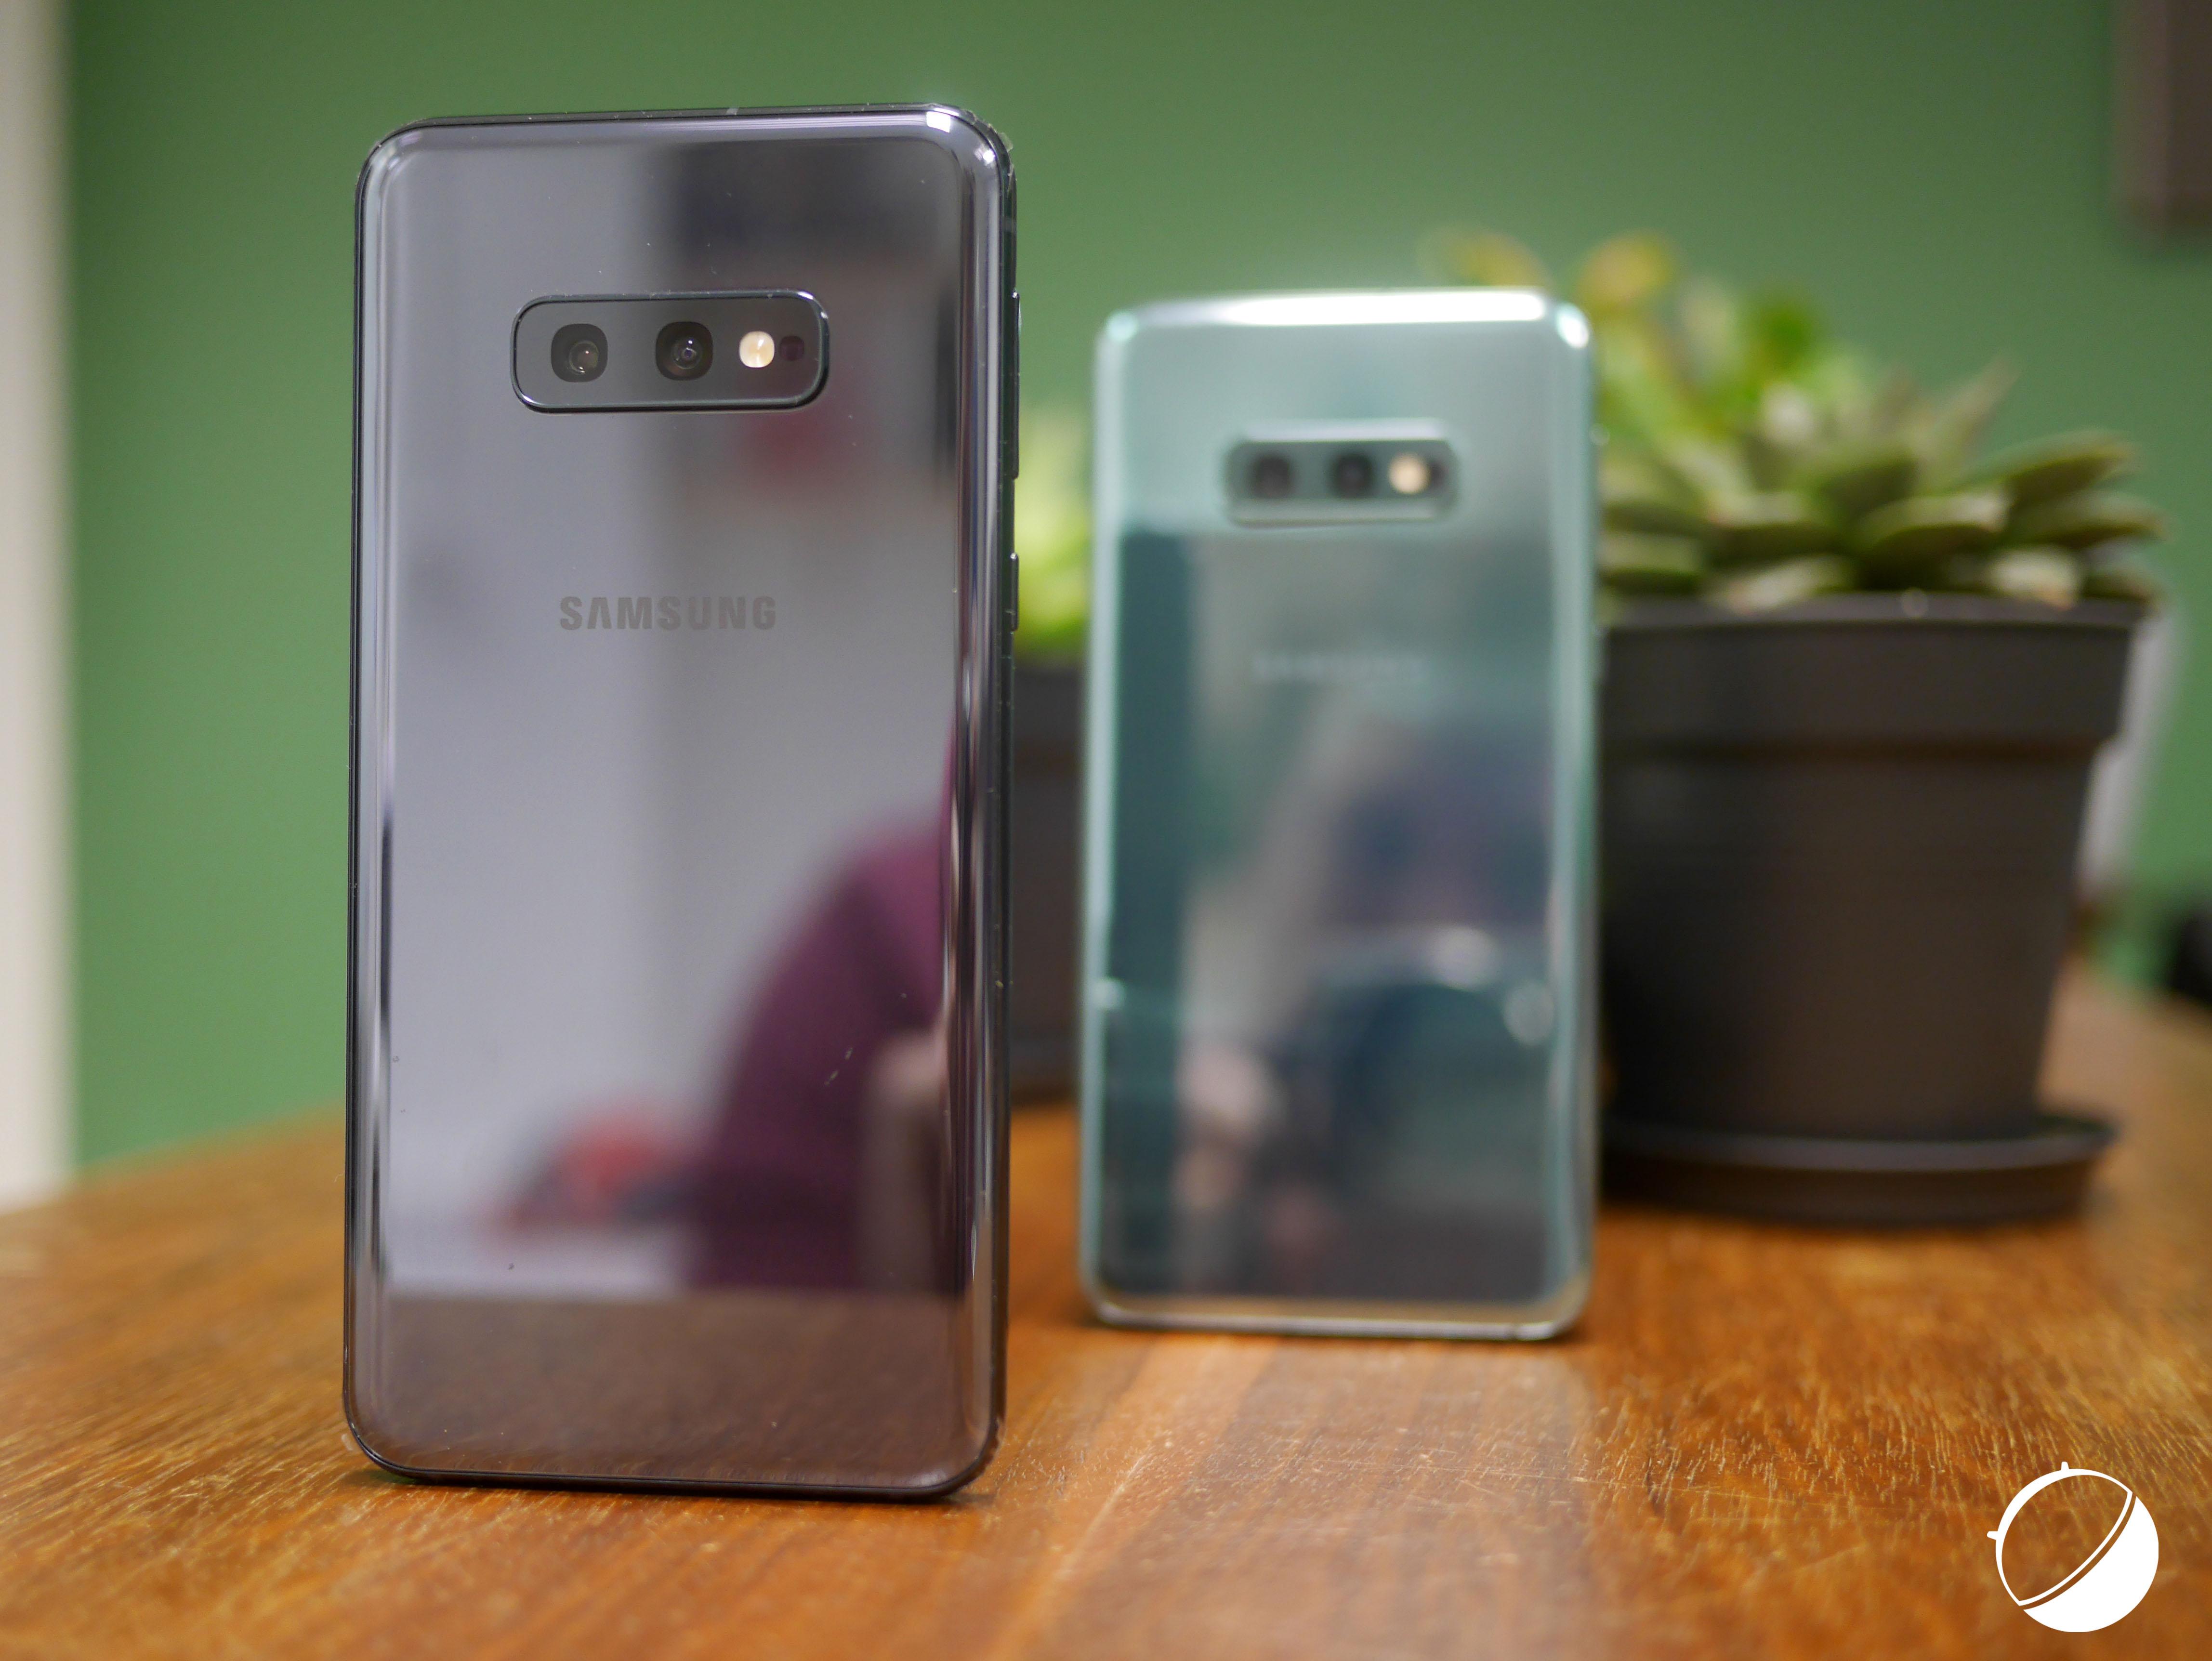 Finalement, l'affaire Huawei aurait fait beaucoup de mal à Samsung